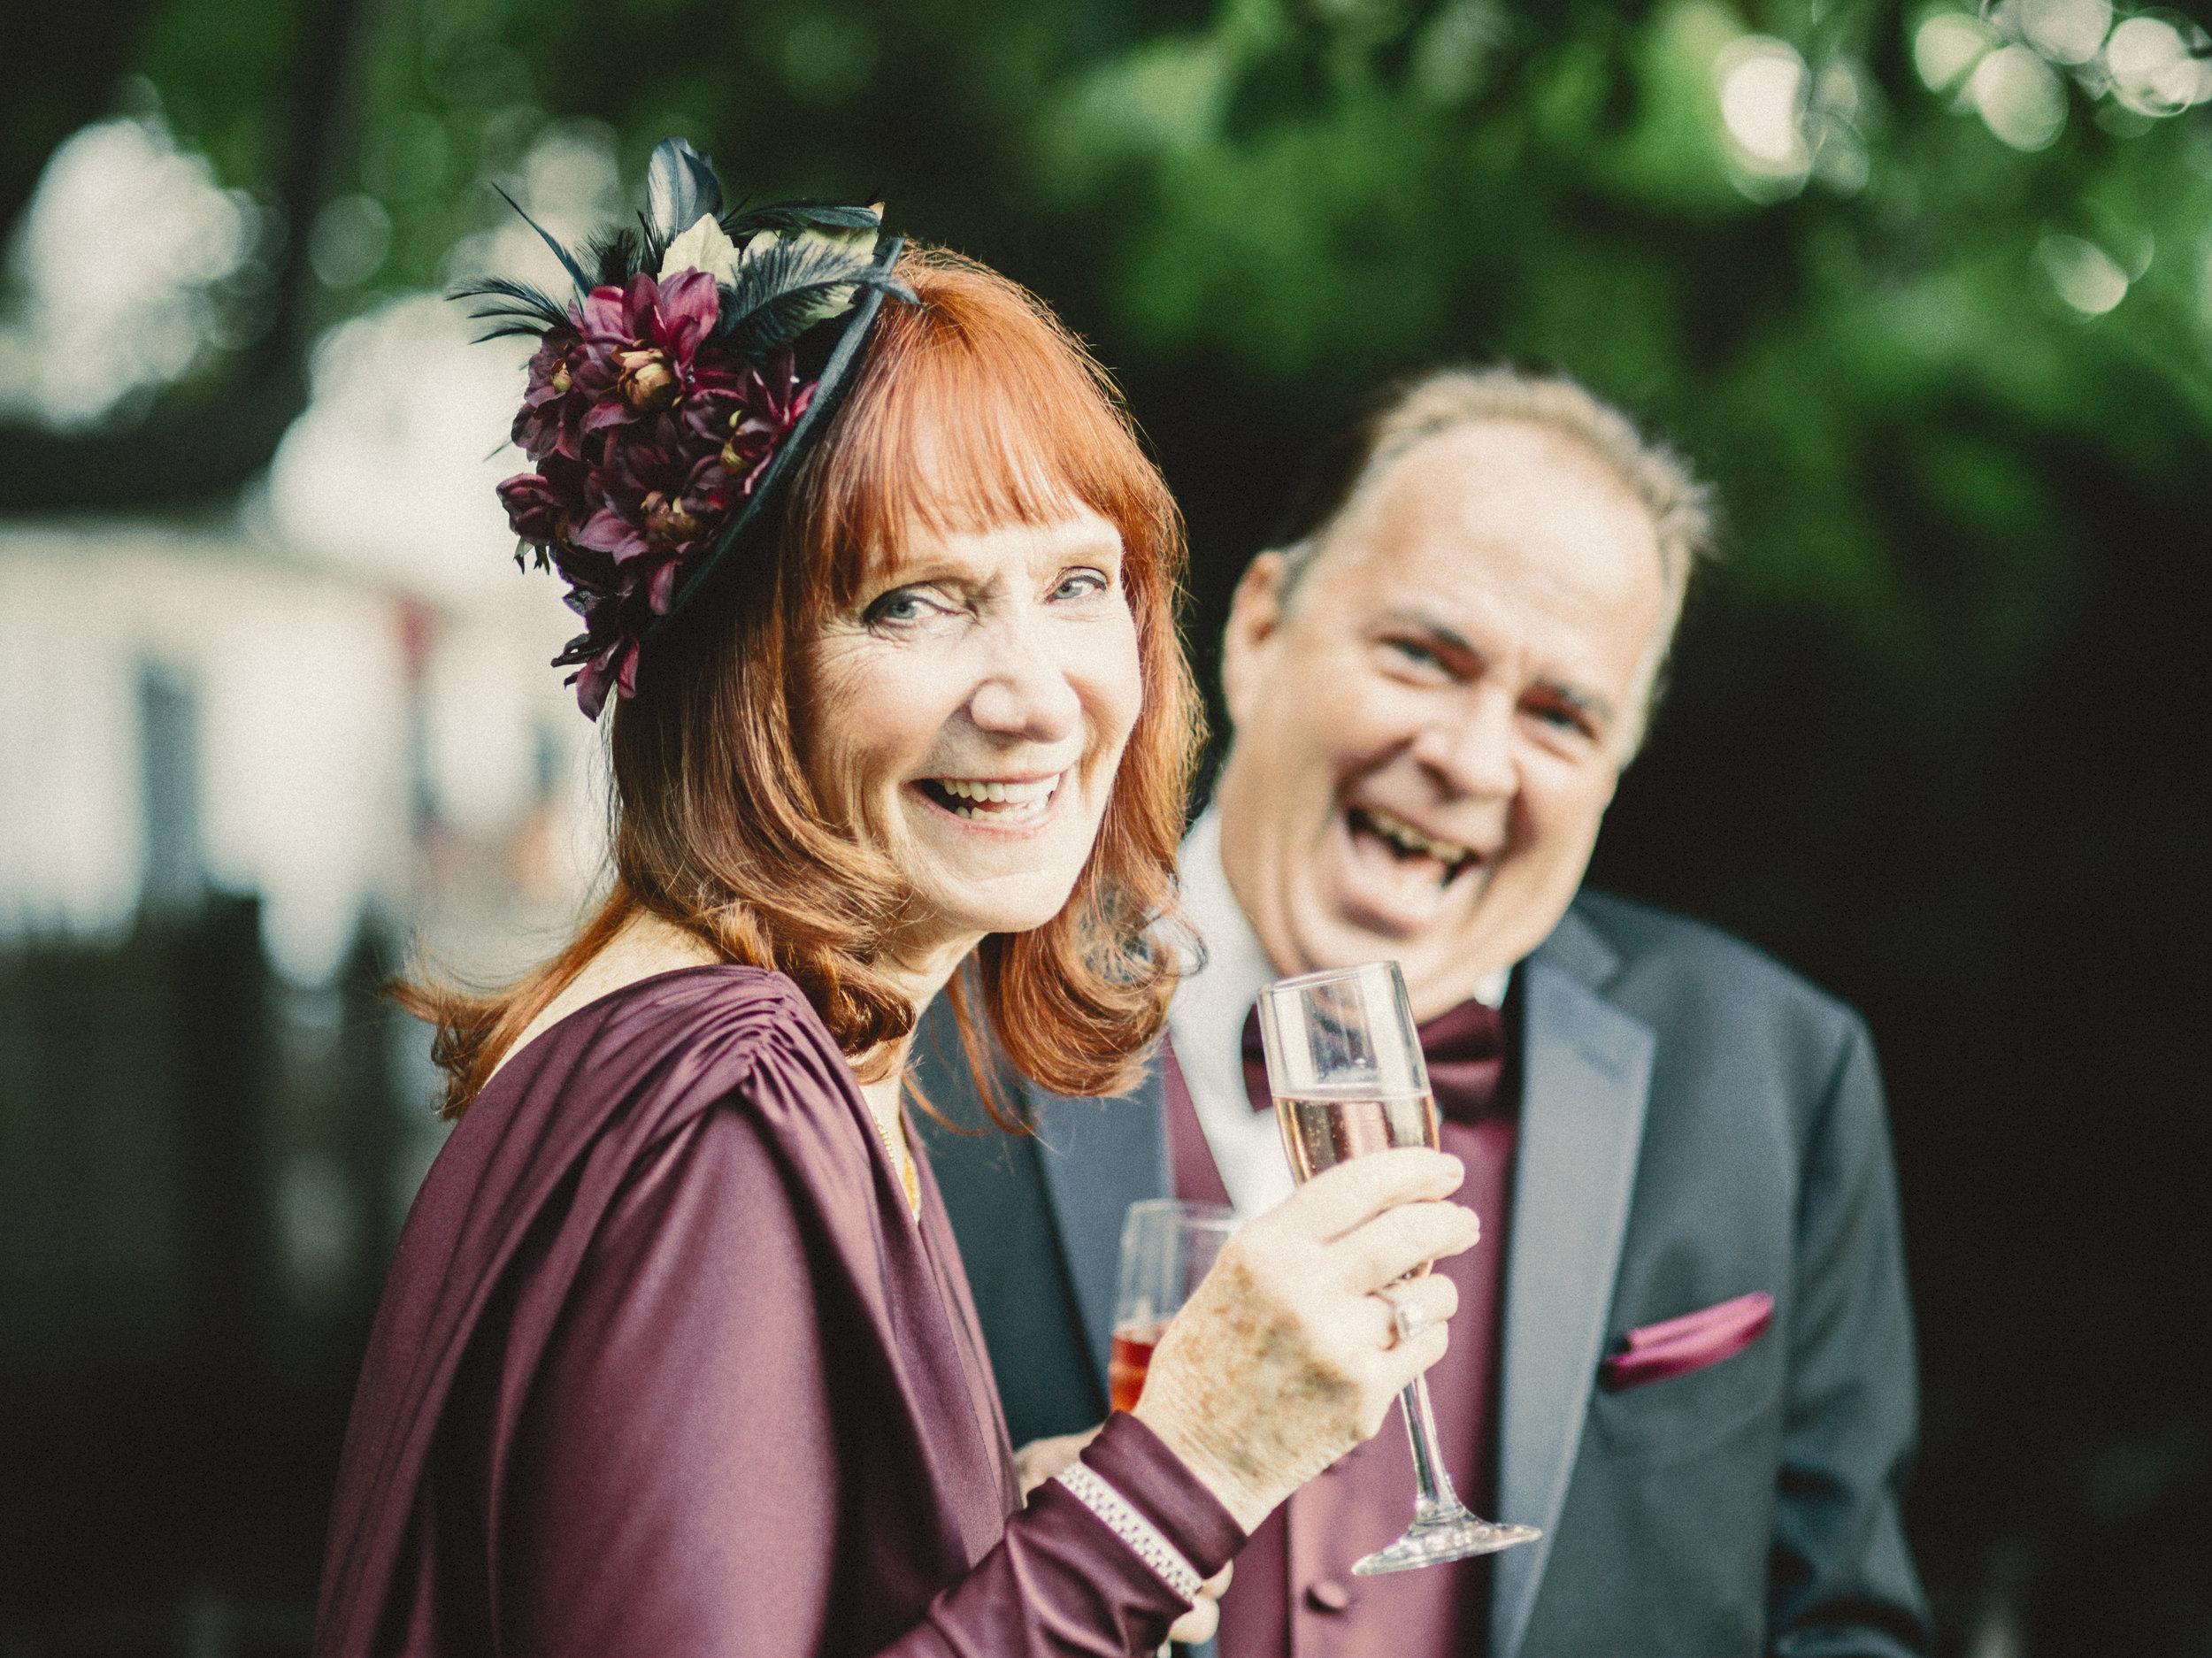 180929_Wedding_Lynn&WillieWilson_B7030313_web.jpg